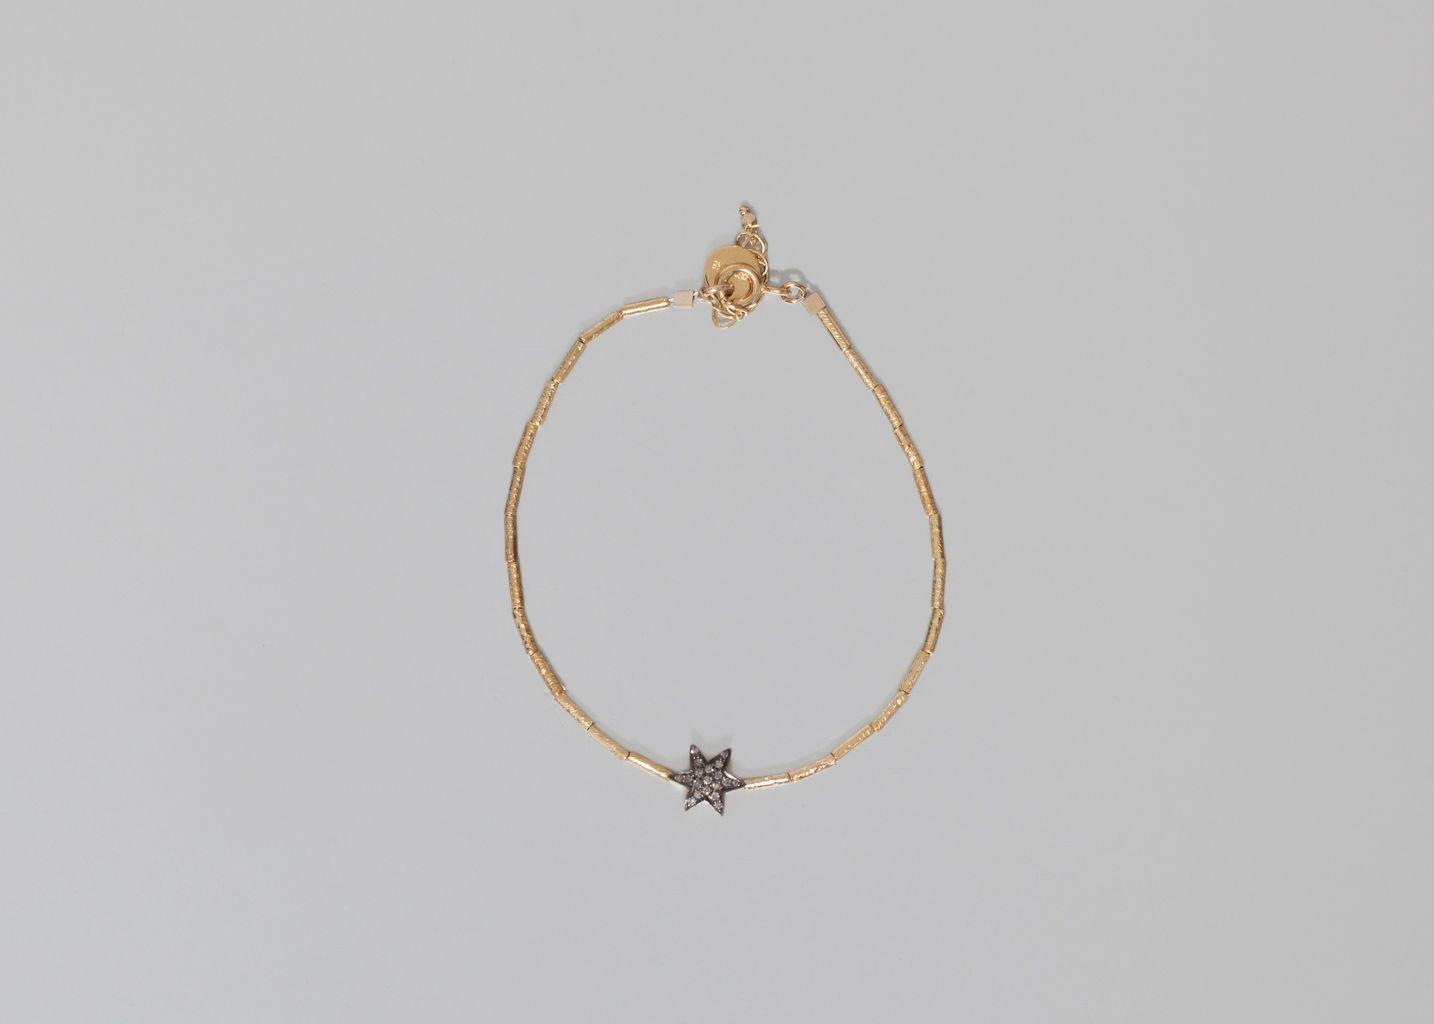 bracelet kiki 5 octobre or l 39 exception. Black Bedroom Furniture Sets. Home Design Ideas